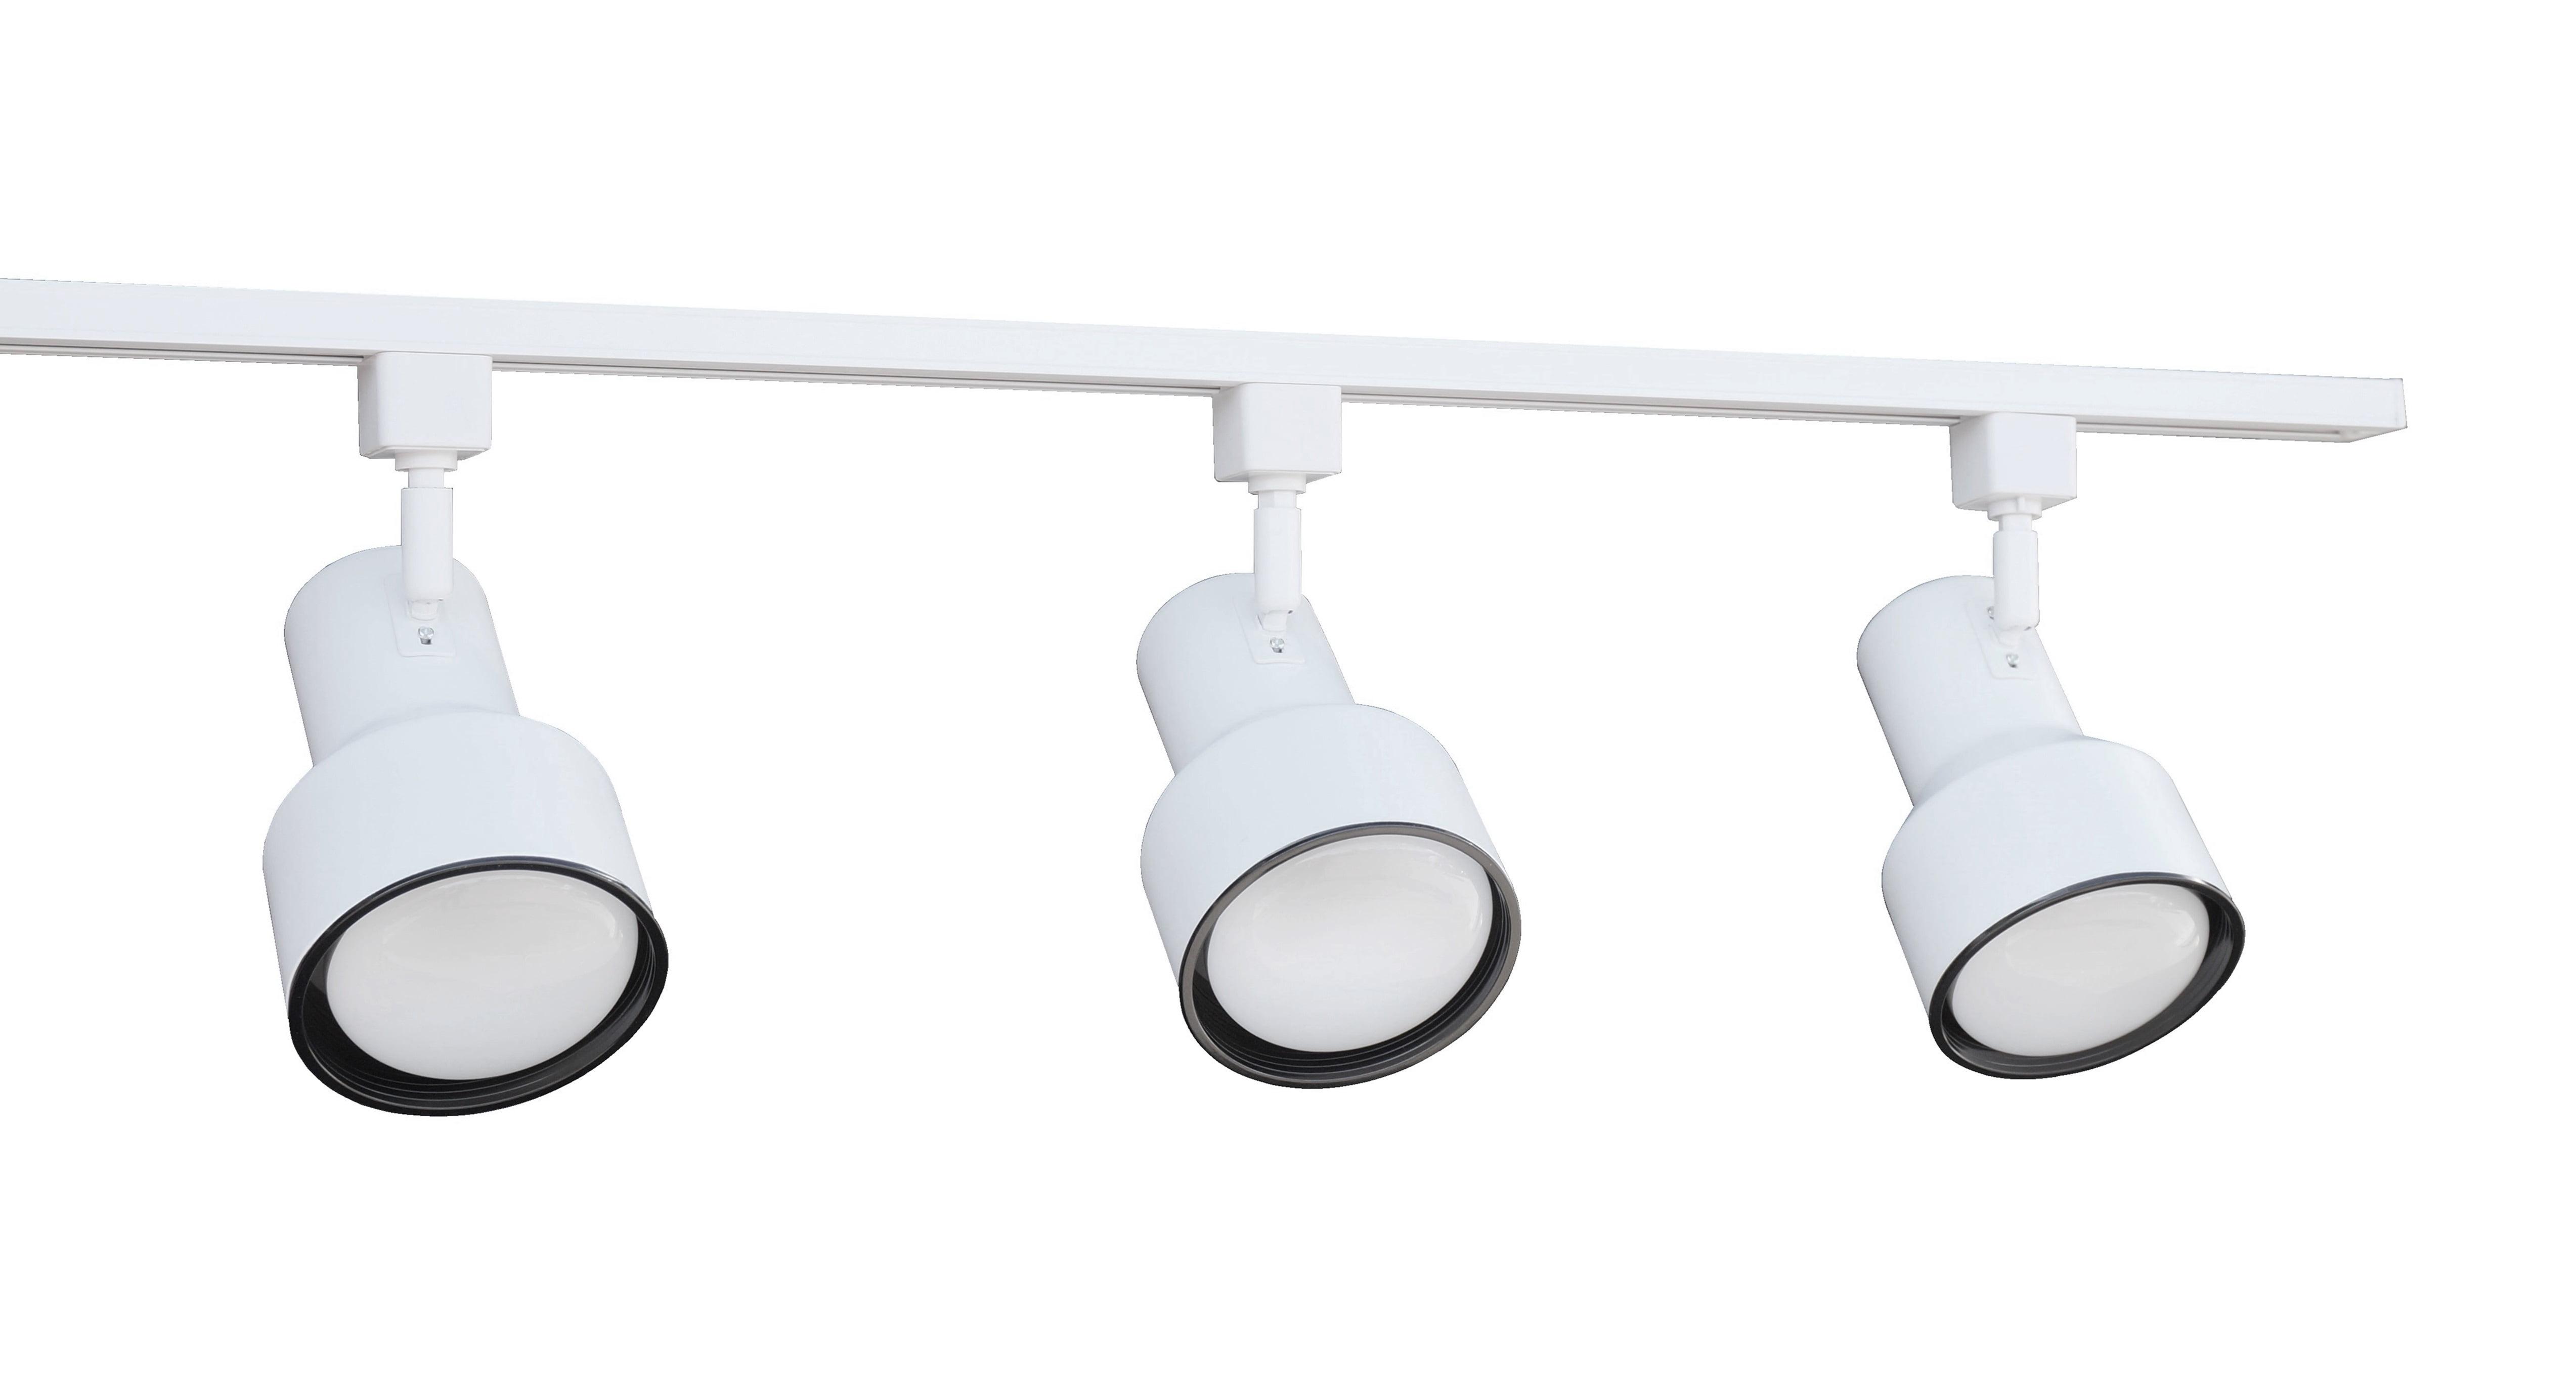 NICOR Lighting 4 Ft. 3-Light 75-Watt Linear Track Lighting Kit, White (10997WH) by NICOR Lighting